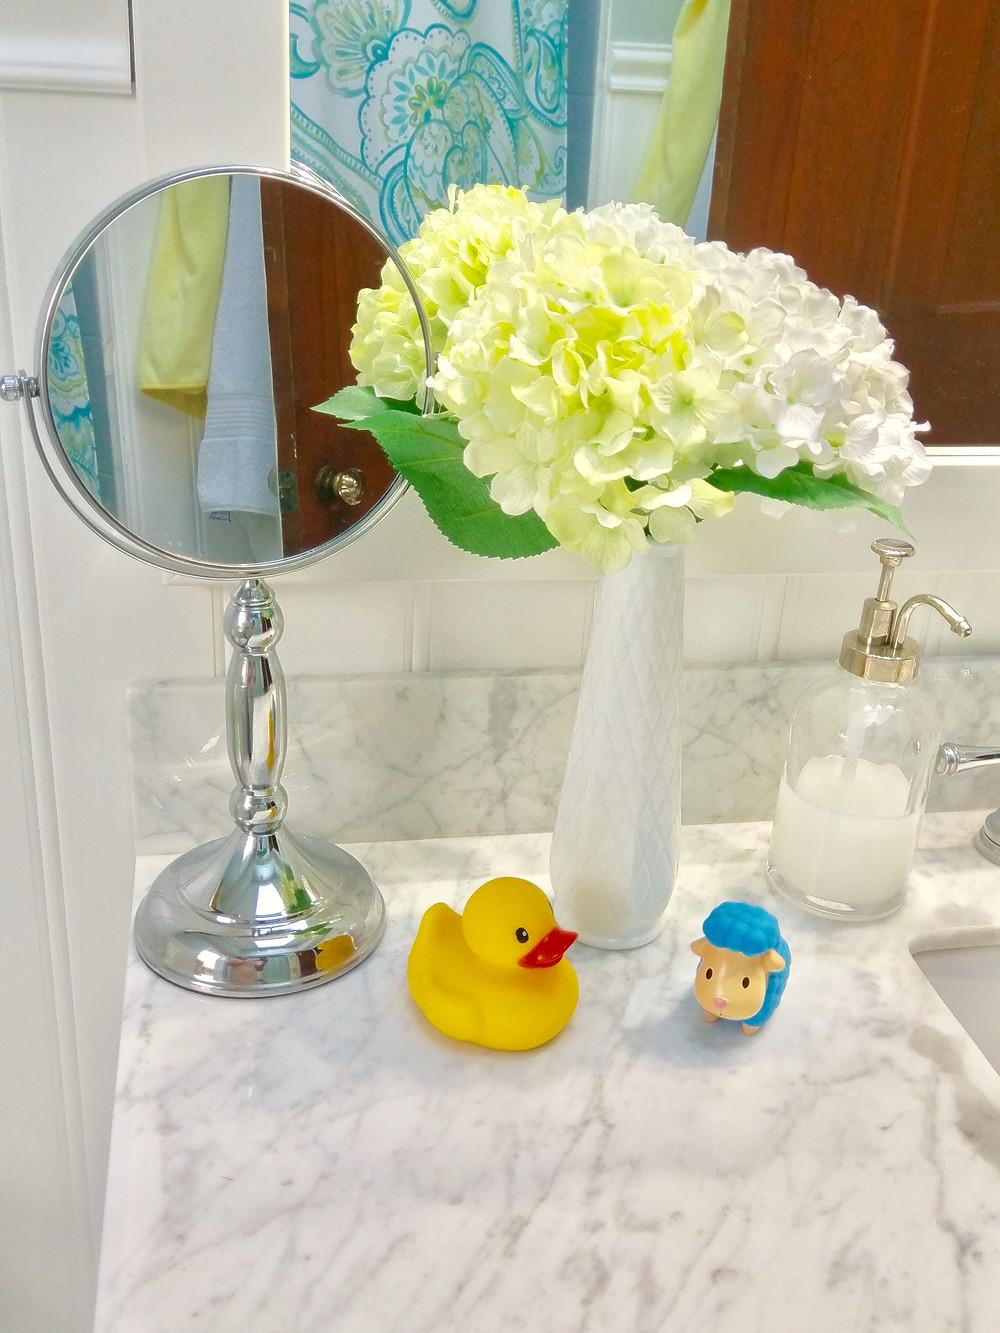 Farmhouse bathroom style with baby bath toys